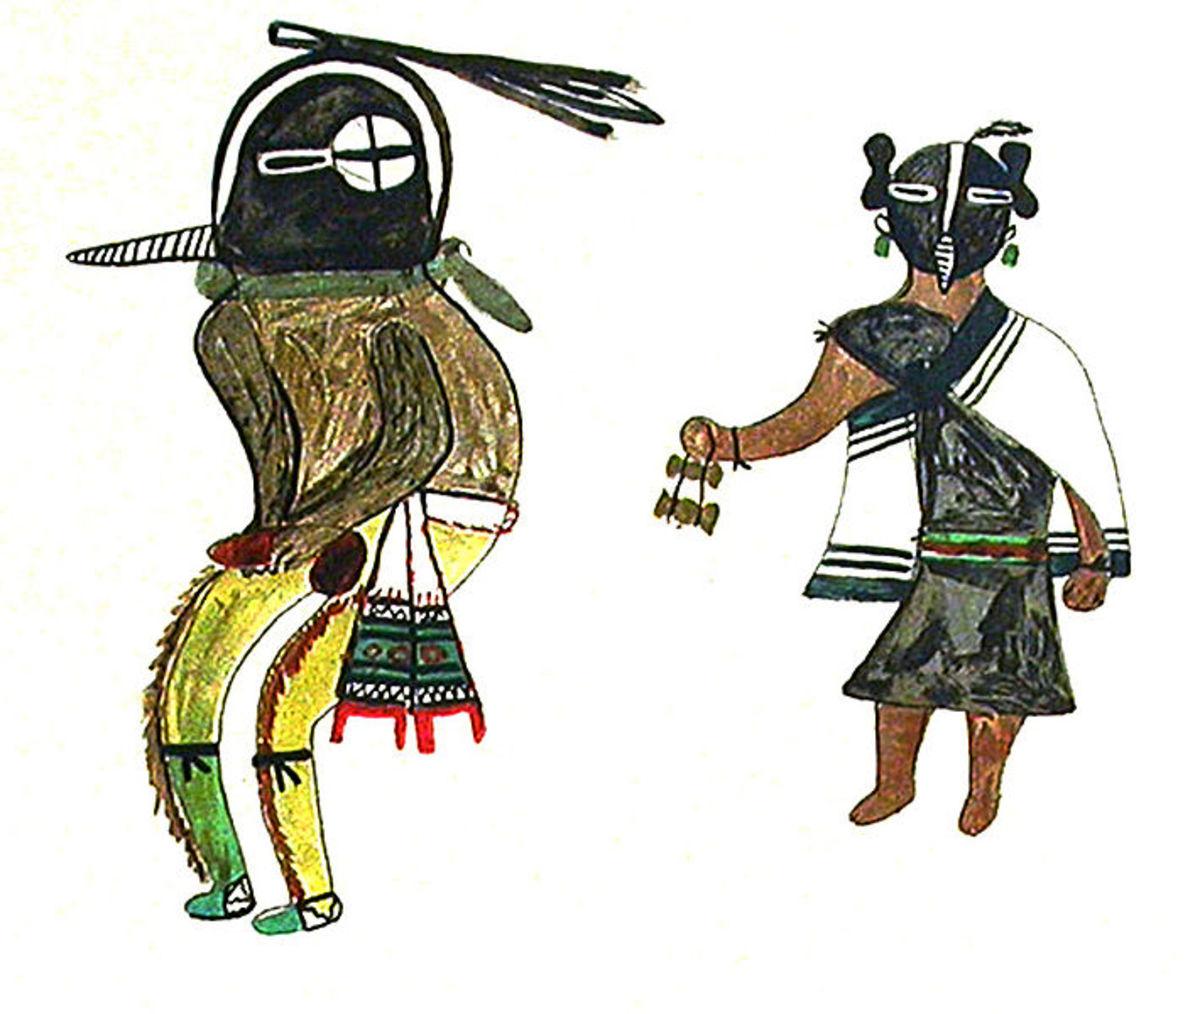 Kokopelli and Kokopelli Mana as depicted by the Hopi.